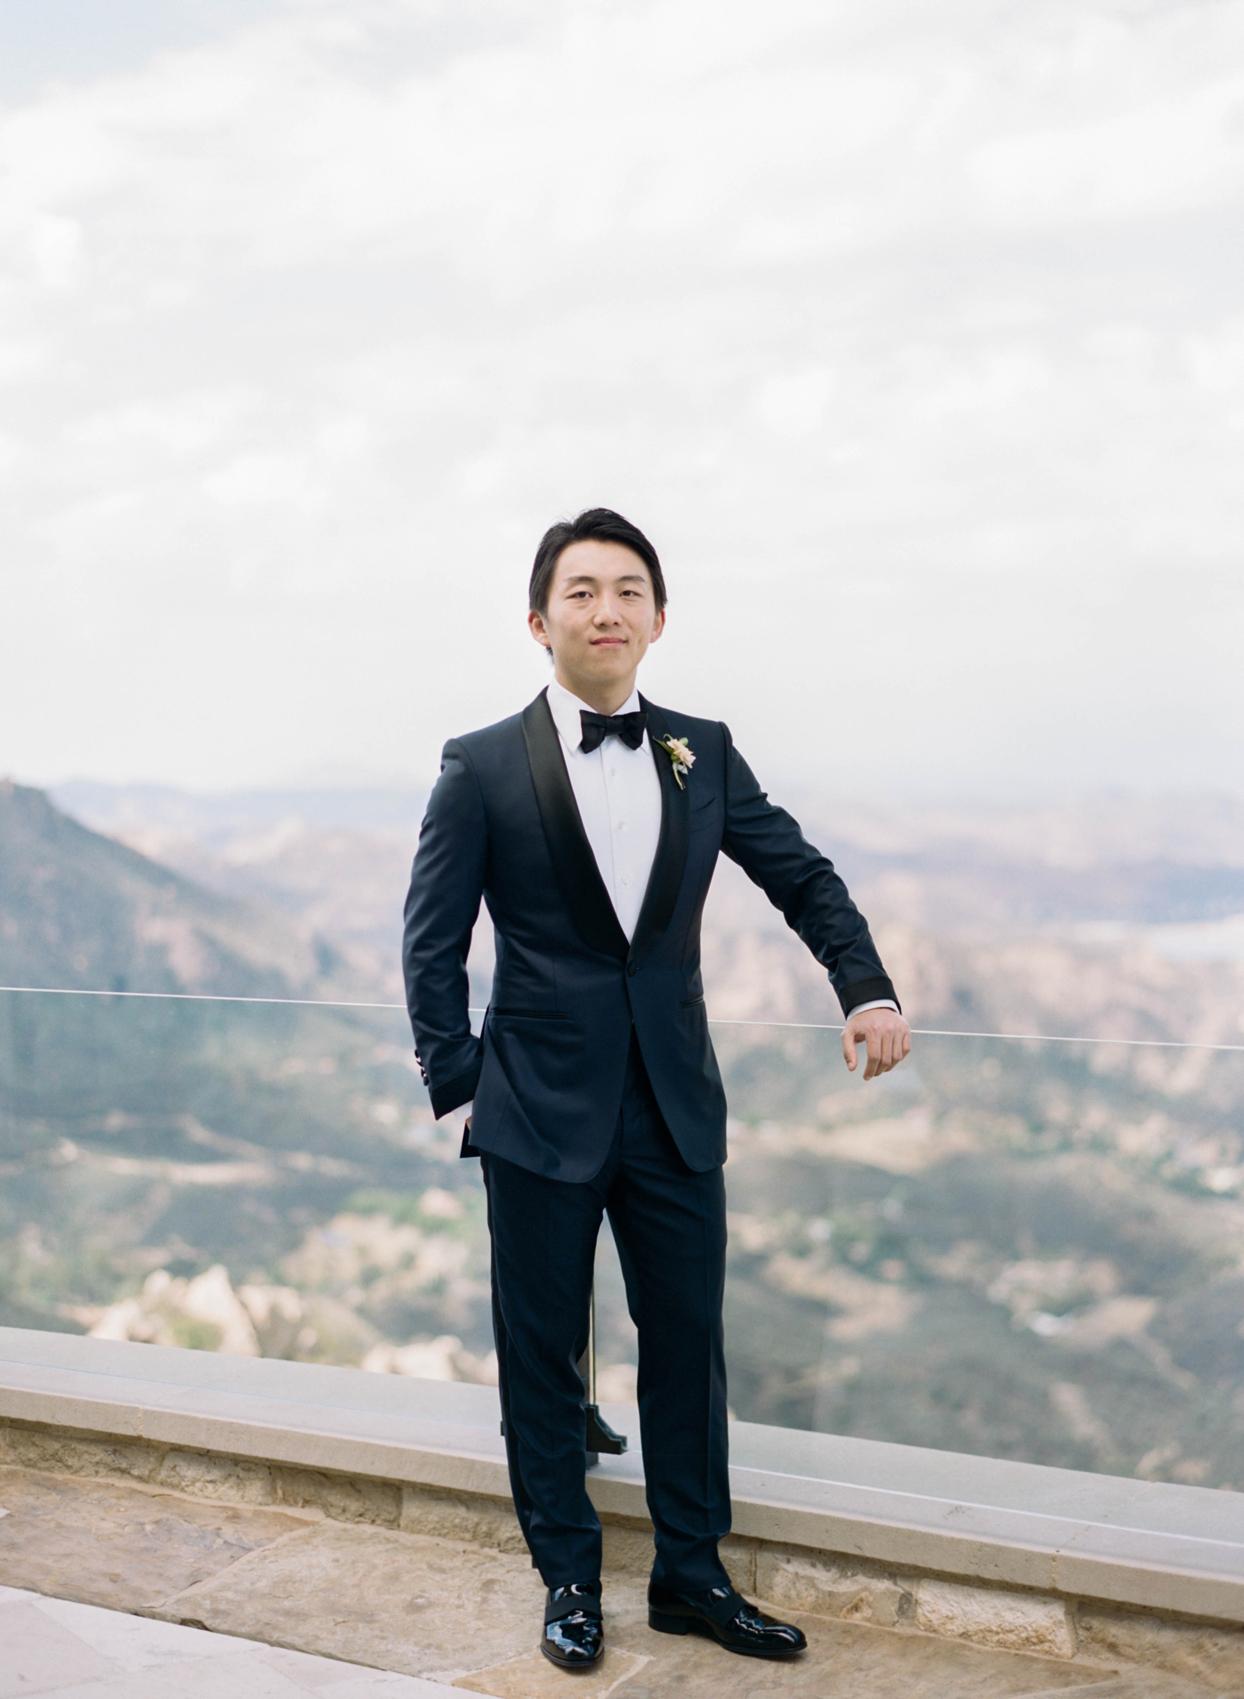 groom wearing tuxedo posing on balcony